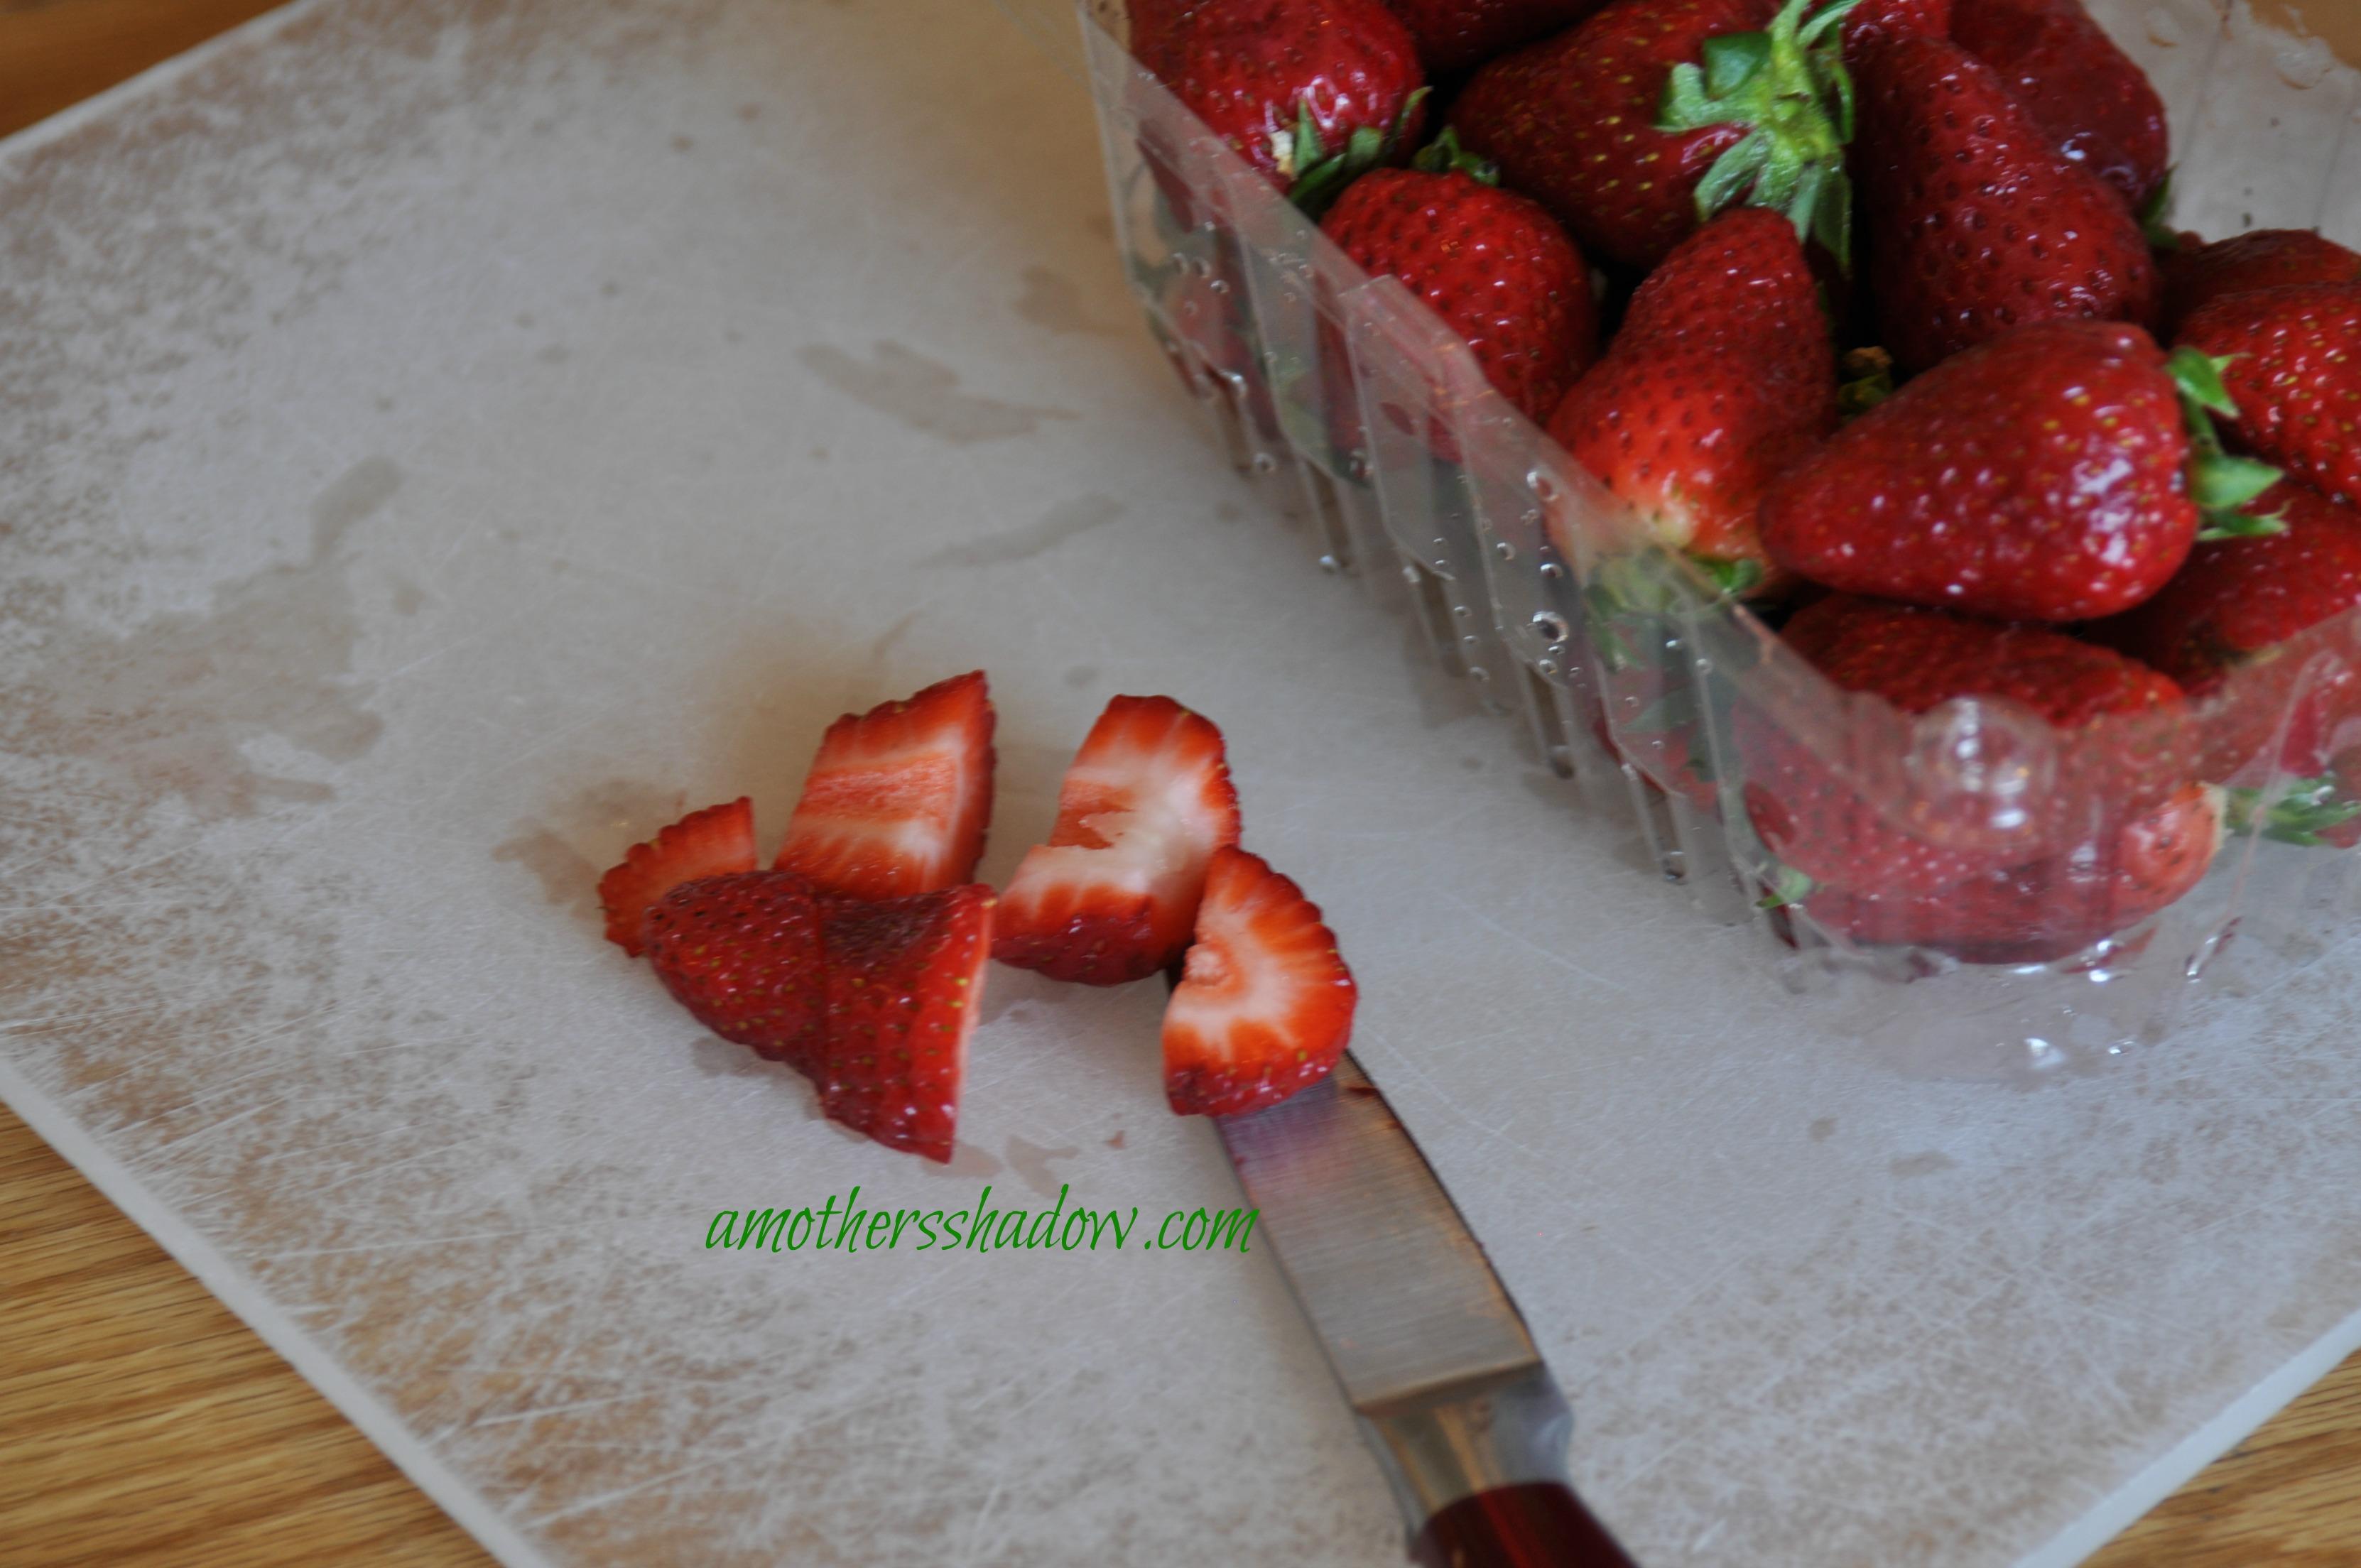 Strawberry Freezer Jam 2